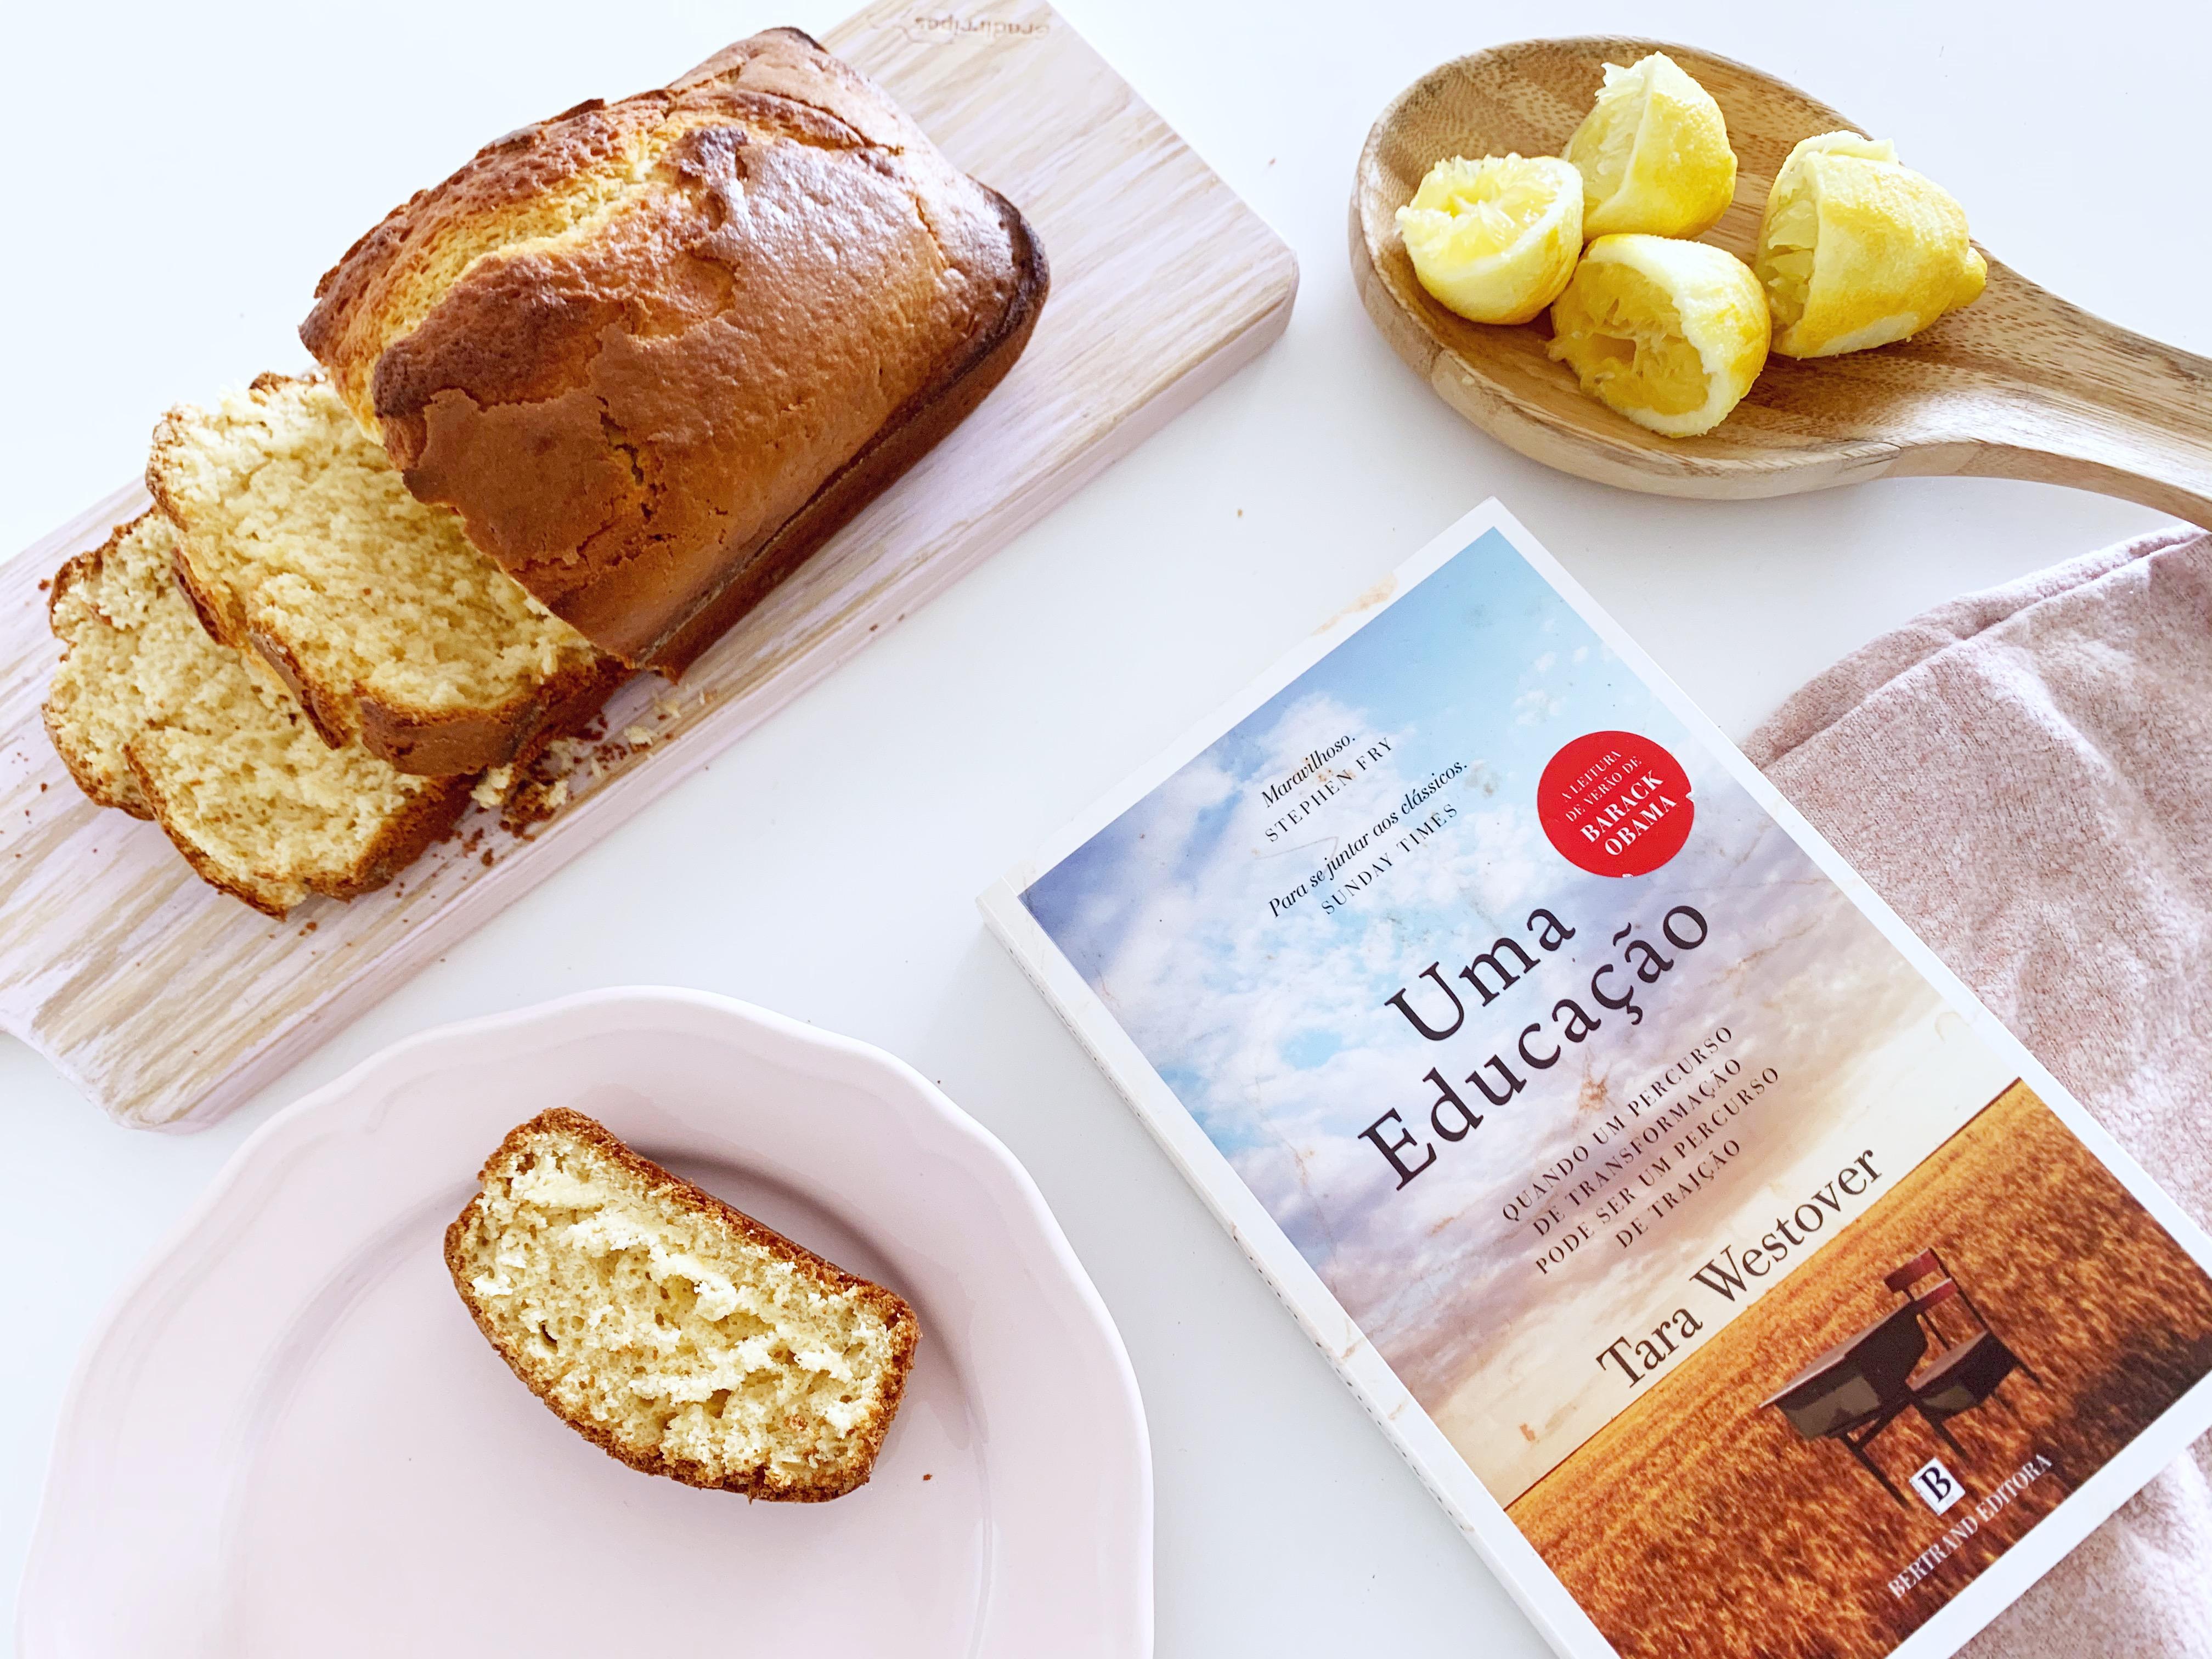 livro uma educação e bolo de limão